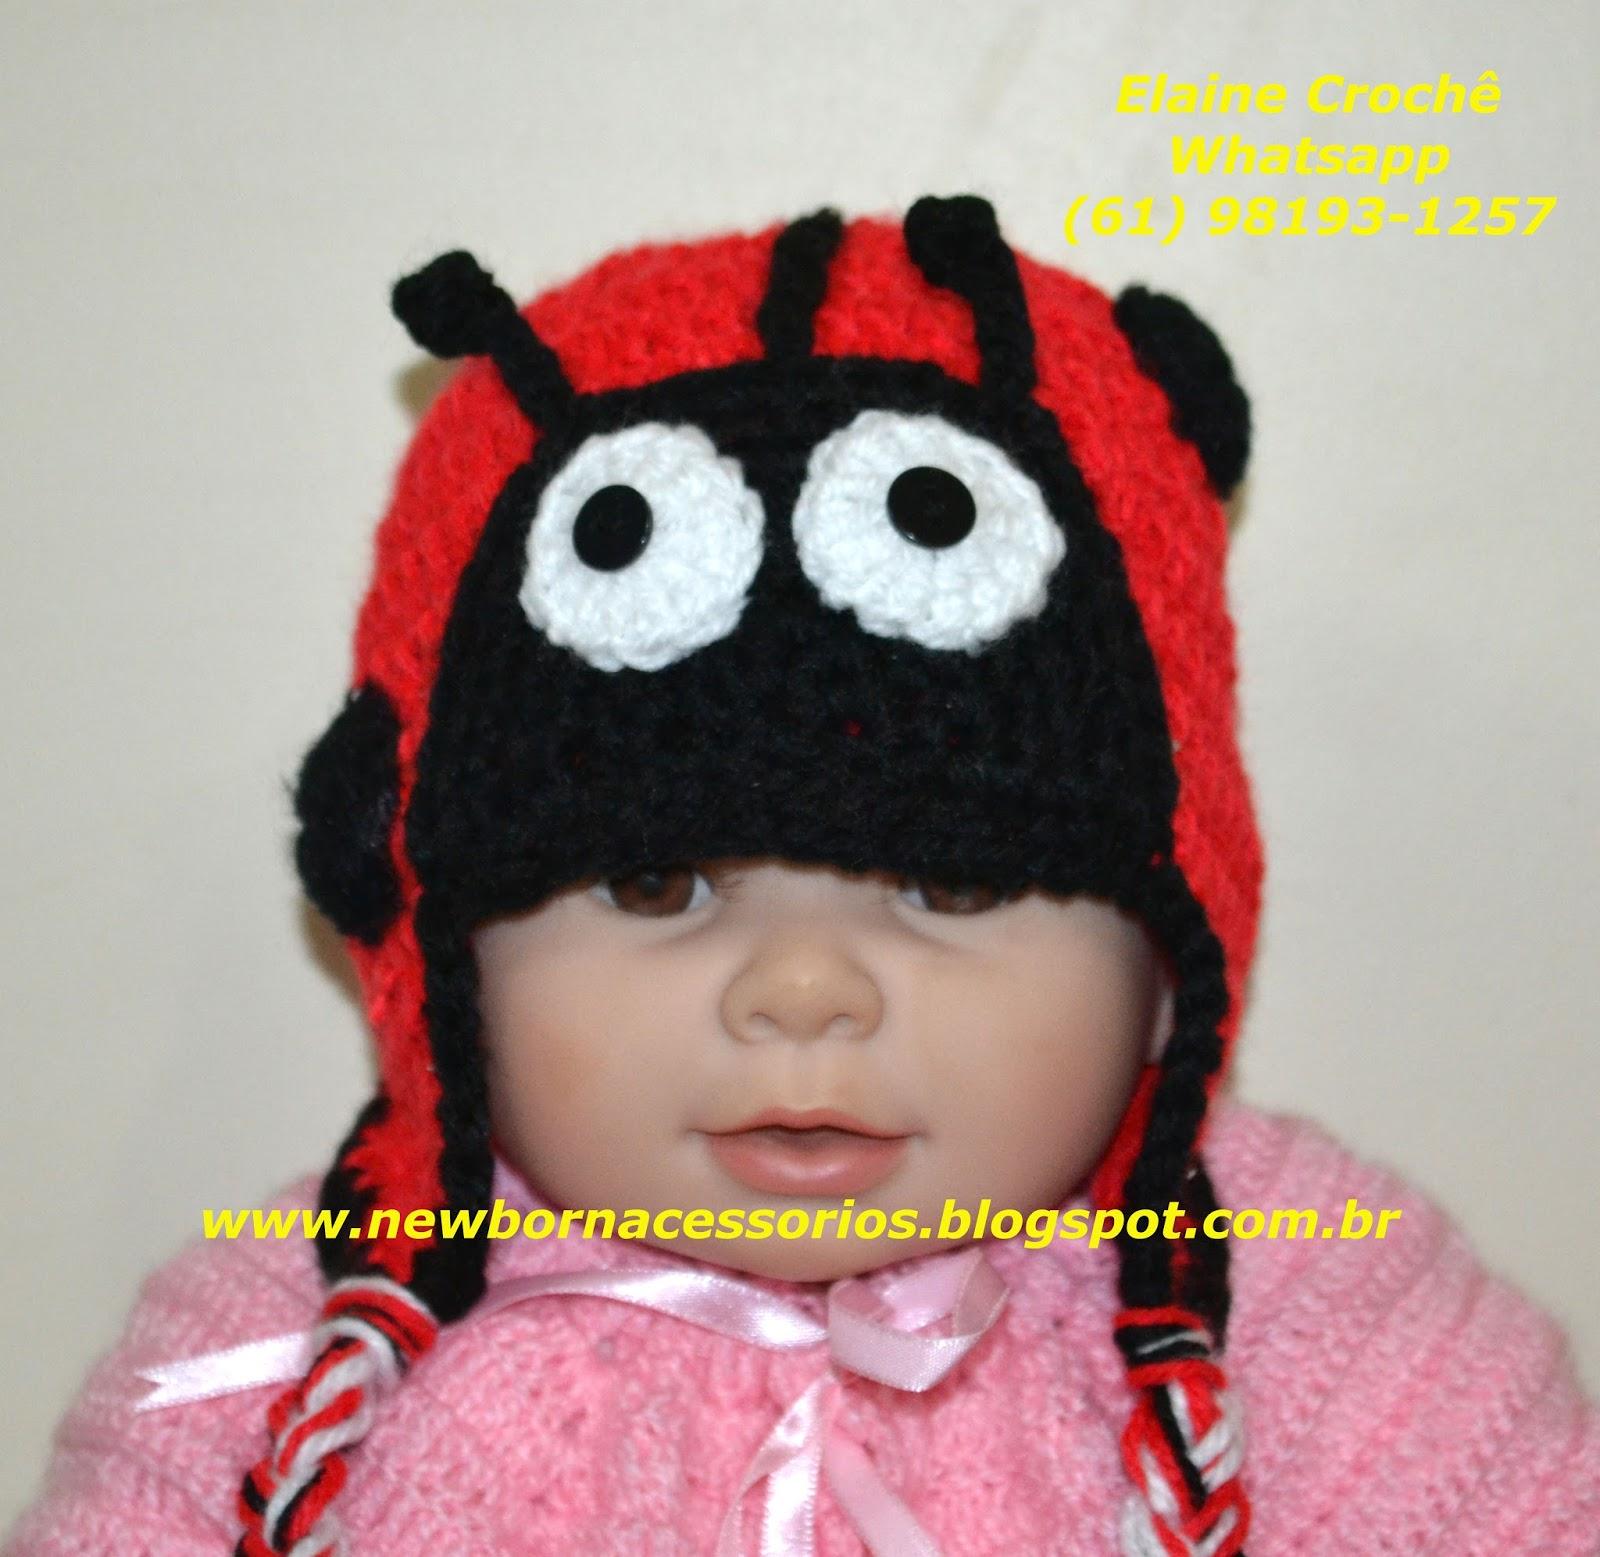 Newborn Acessórios  Newborn Gorro ou Touca Joaninha em Crochê 4eee510eb01